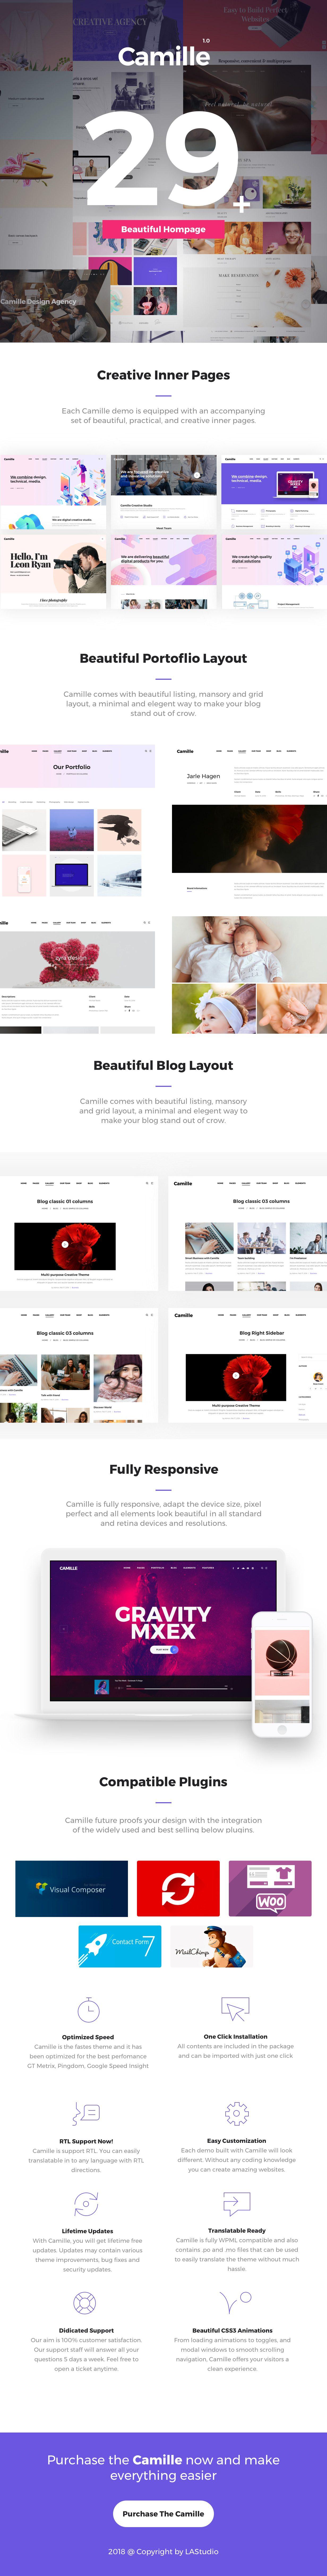 Camille - Multi-Concept WordPress Theme - 1